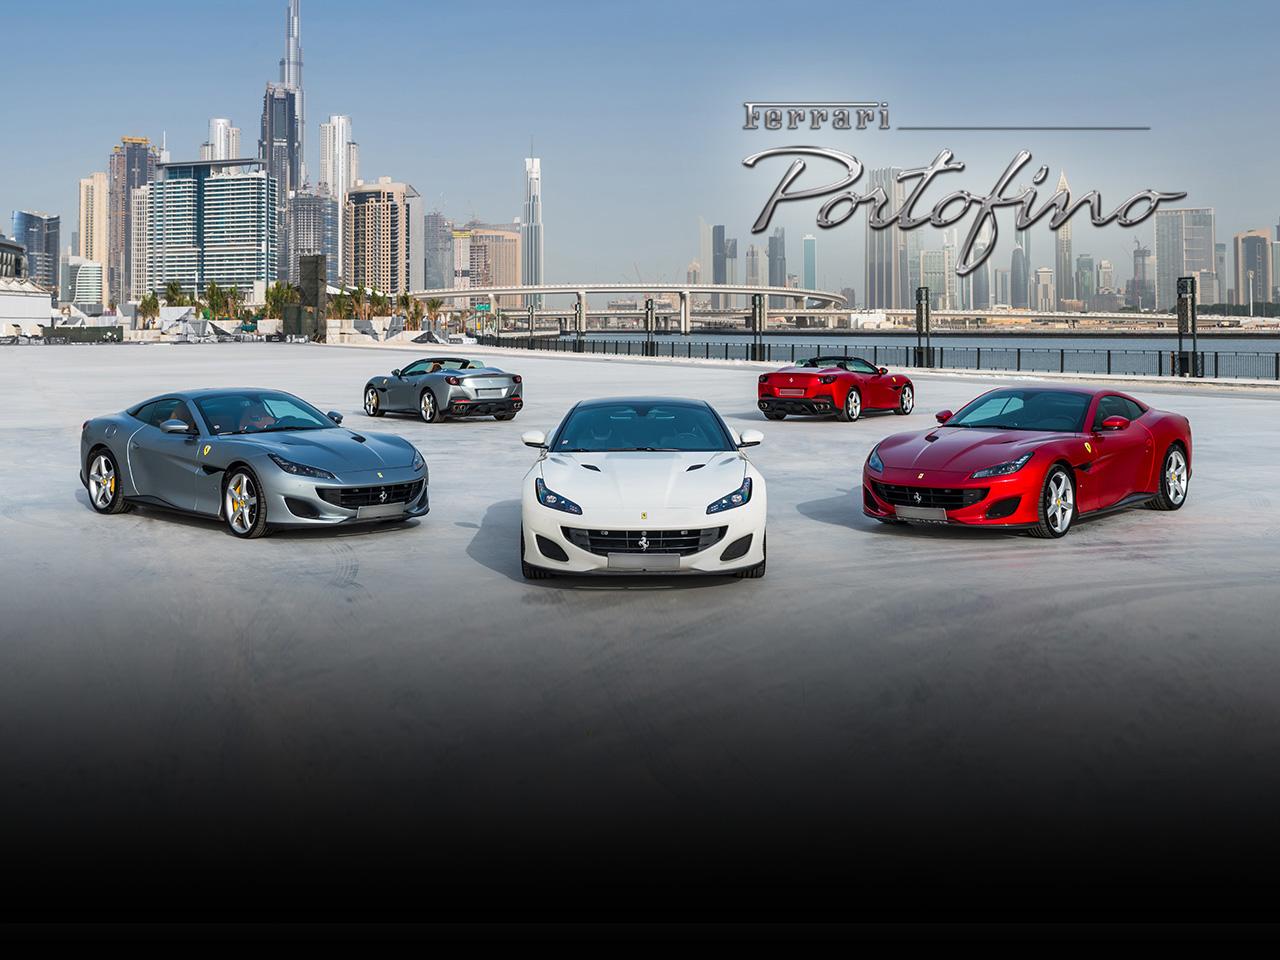 Ferrari Portofino: Test Drive In The Middle East